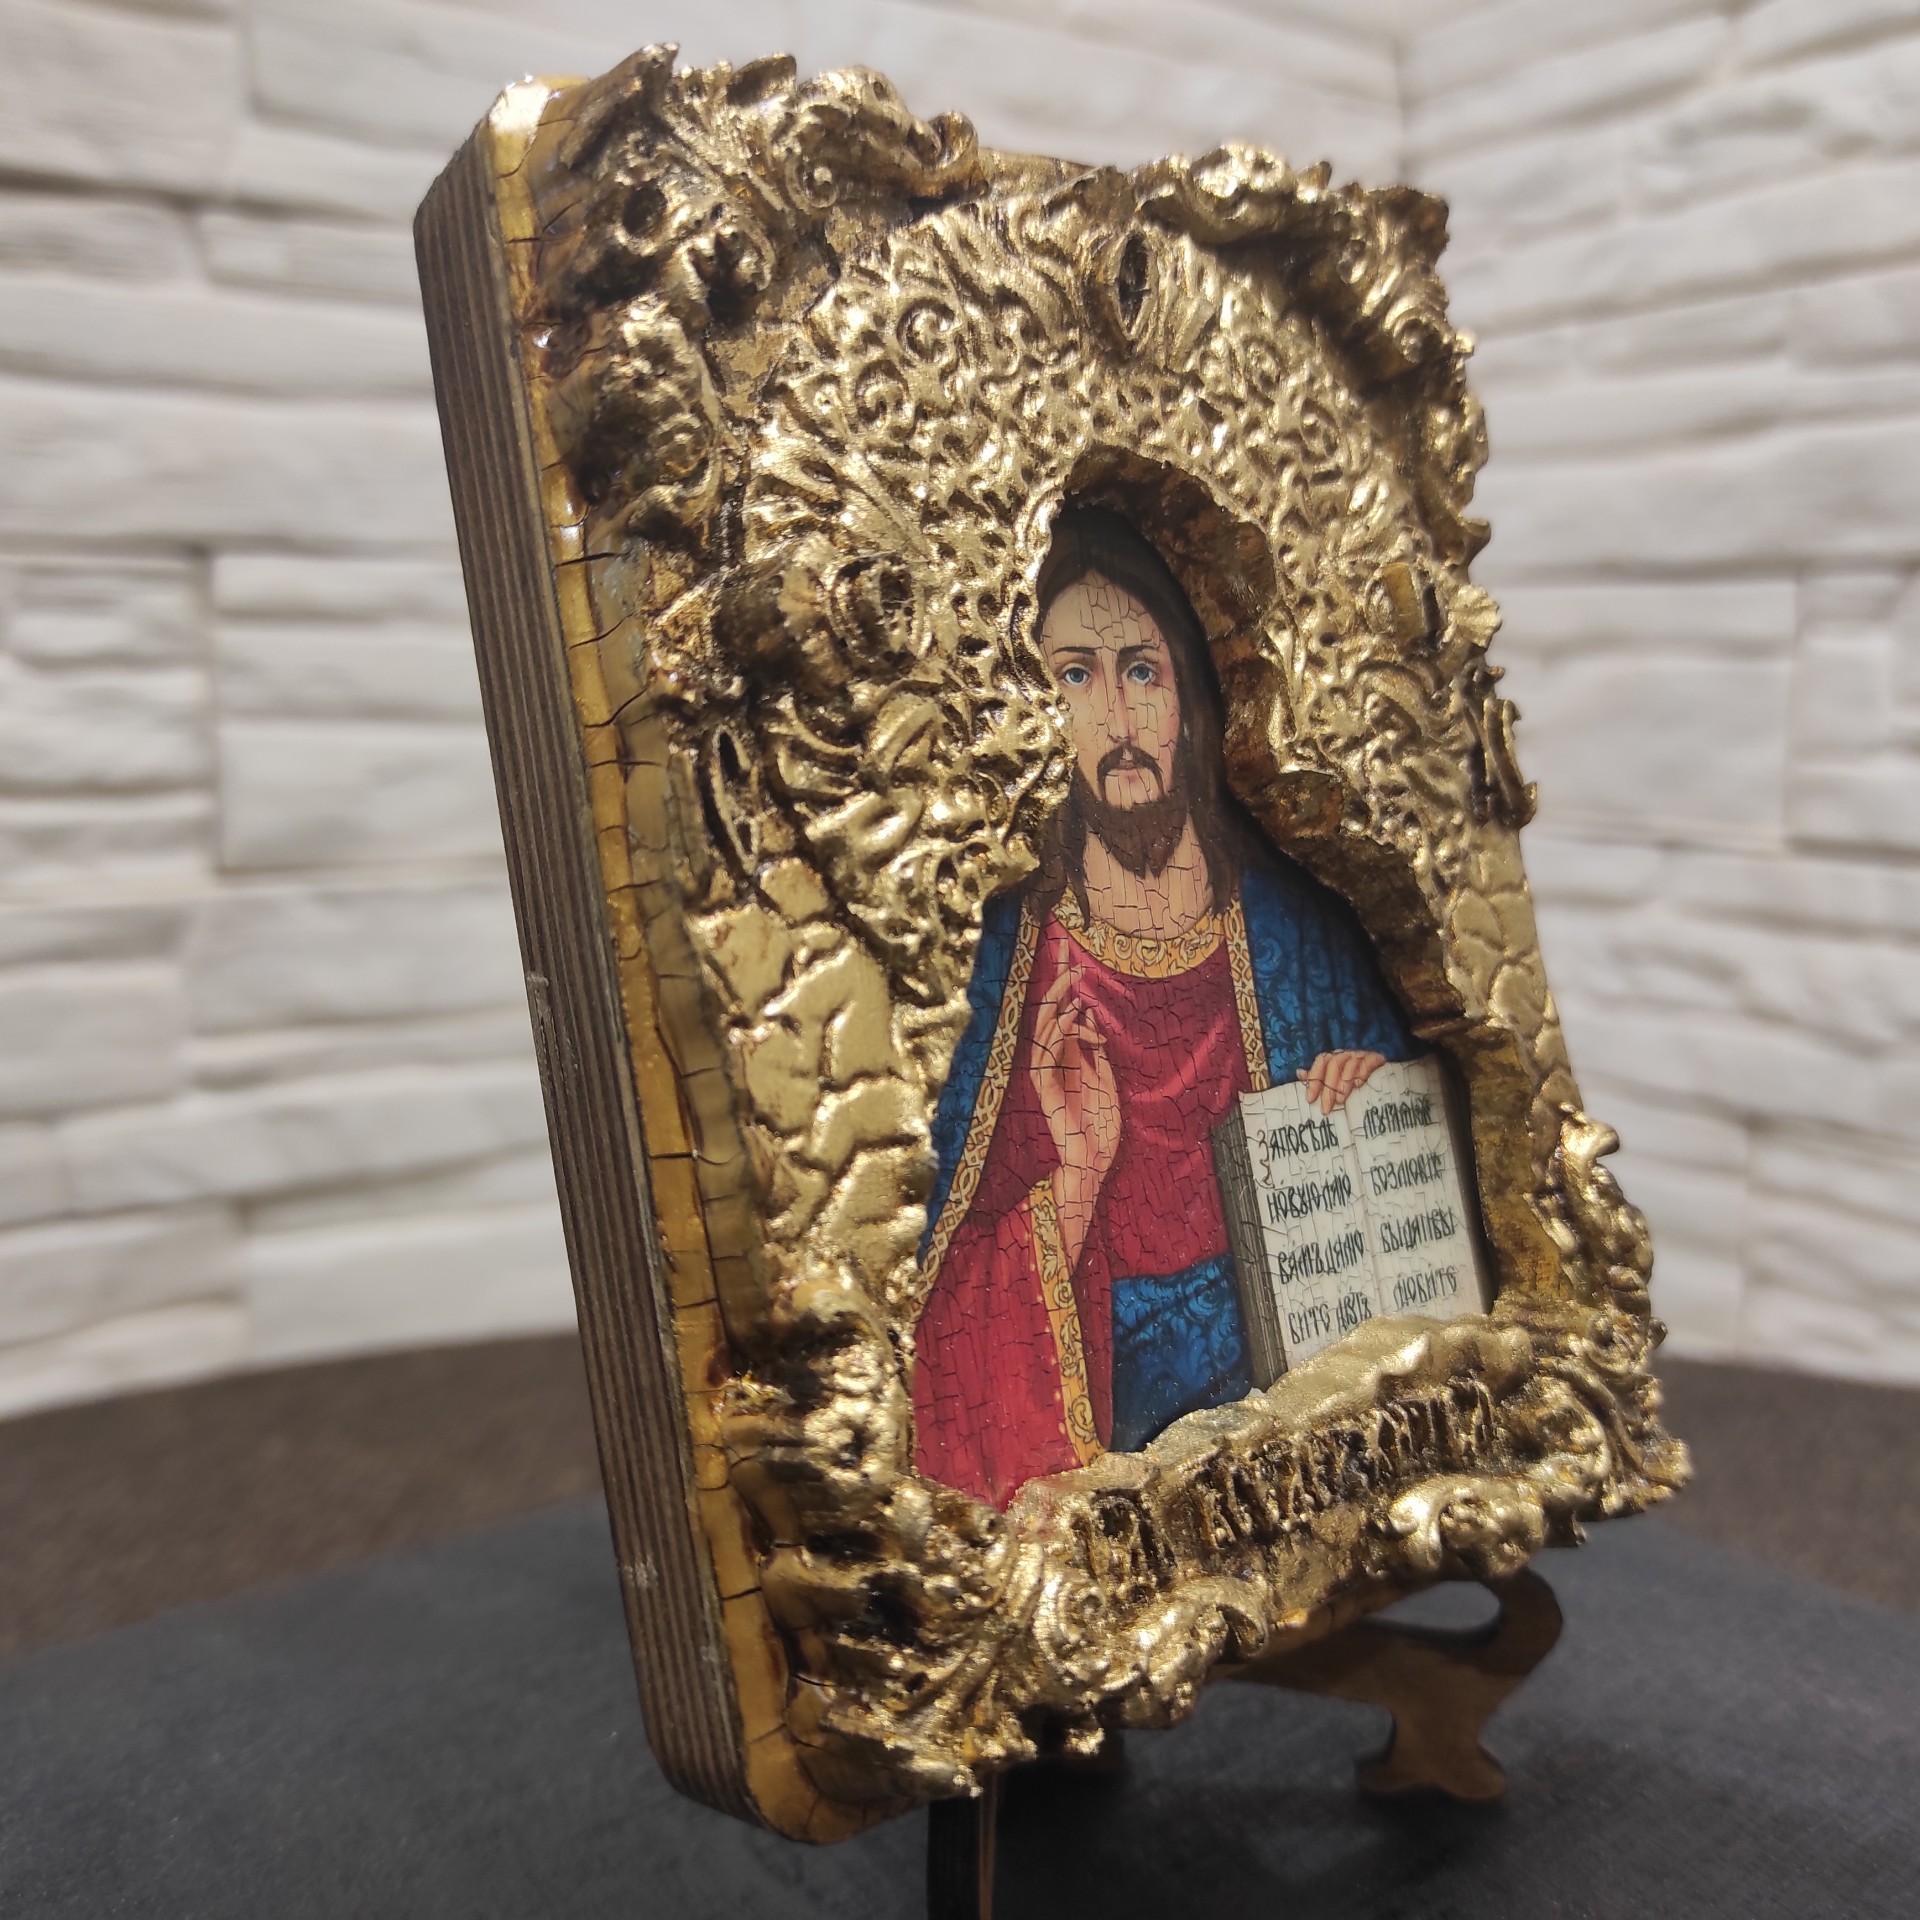 Общее фото с другого ракурса маленькой иконки Господа Вседержителя